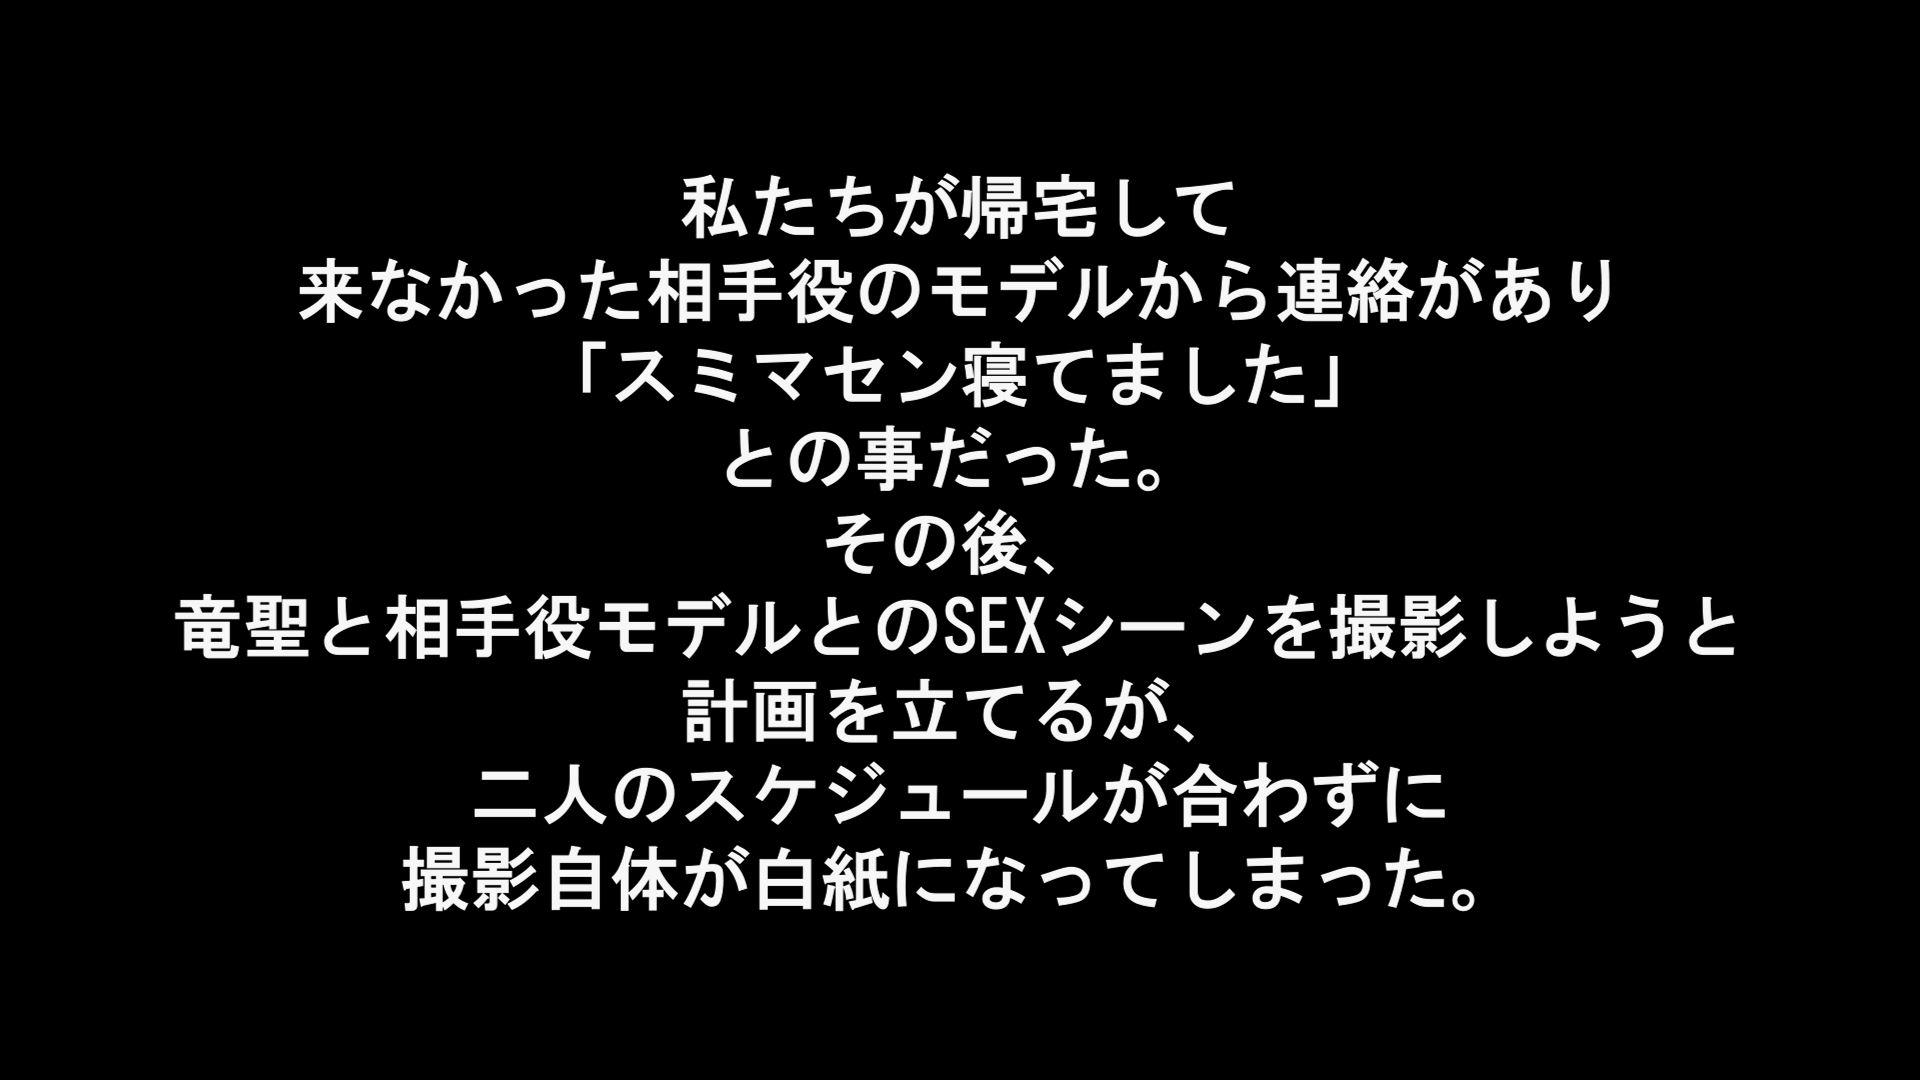 okurairi-ryusei-solocum (4)